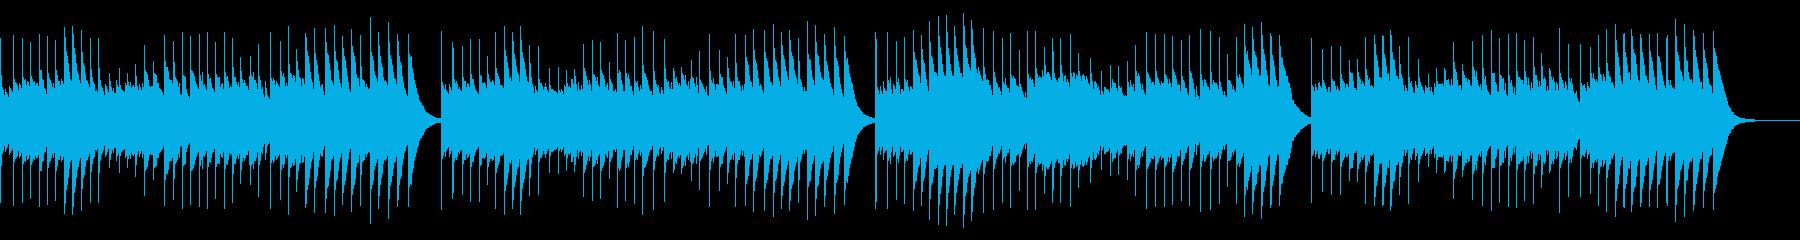 愛のロマンス オルゴールの再生済みの波形